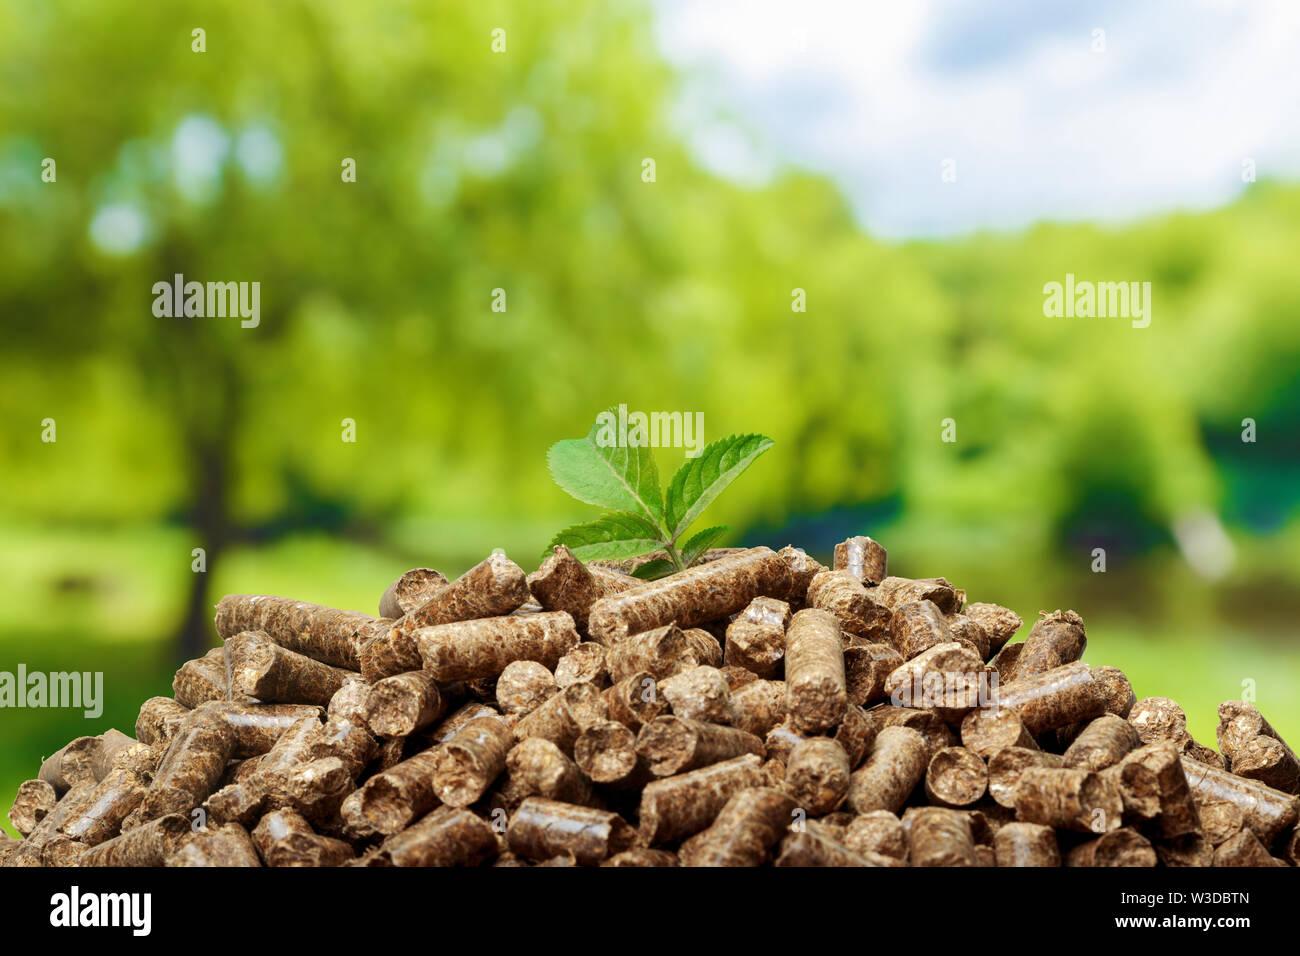 Granulés Bois sur un fond vert. Les biocarburants. Photo Stock